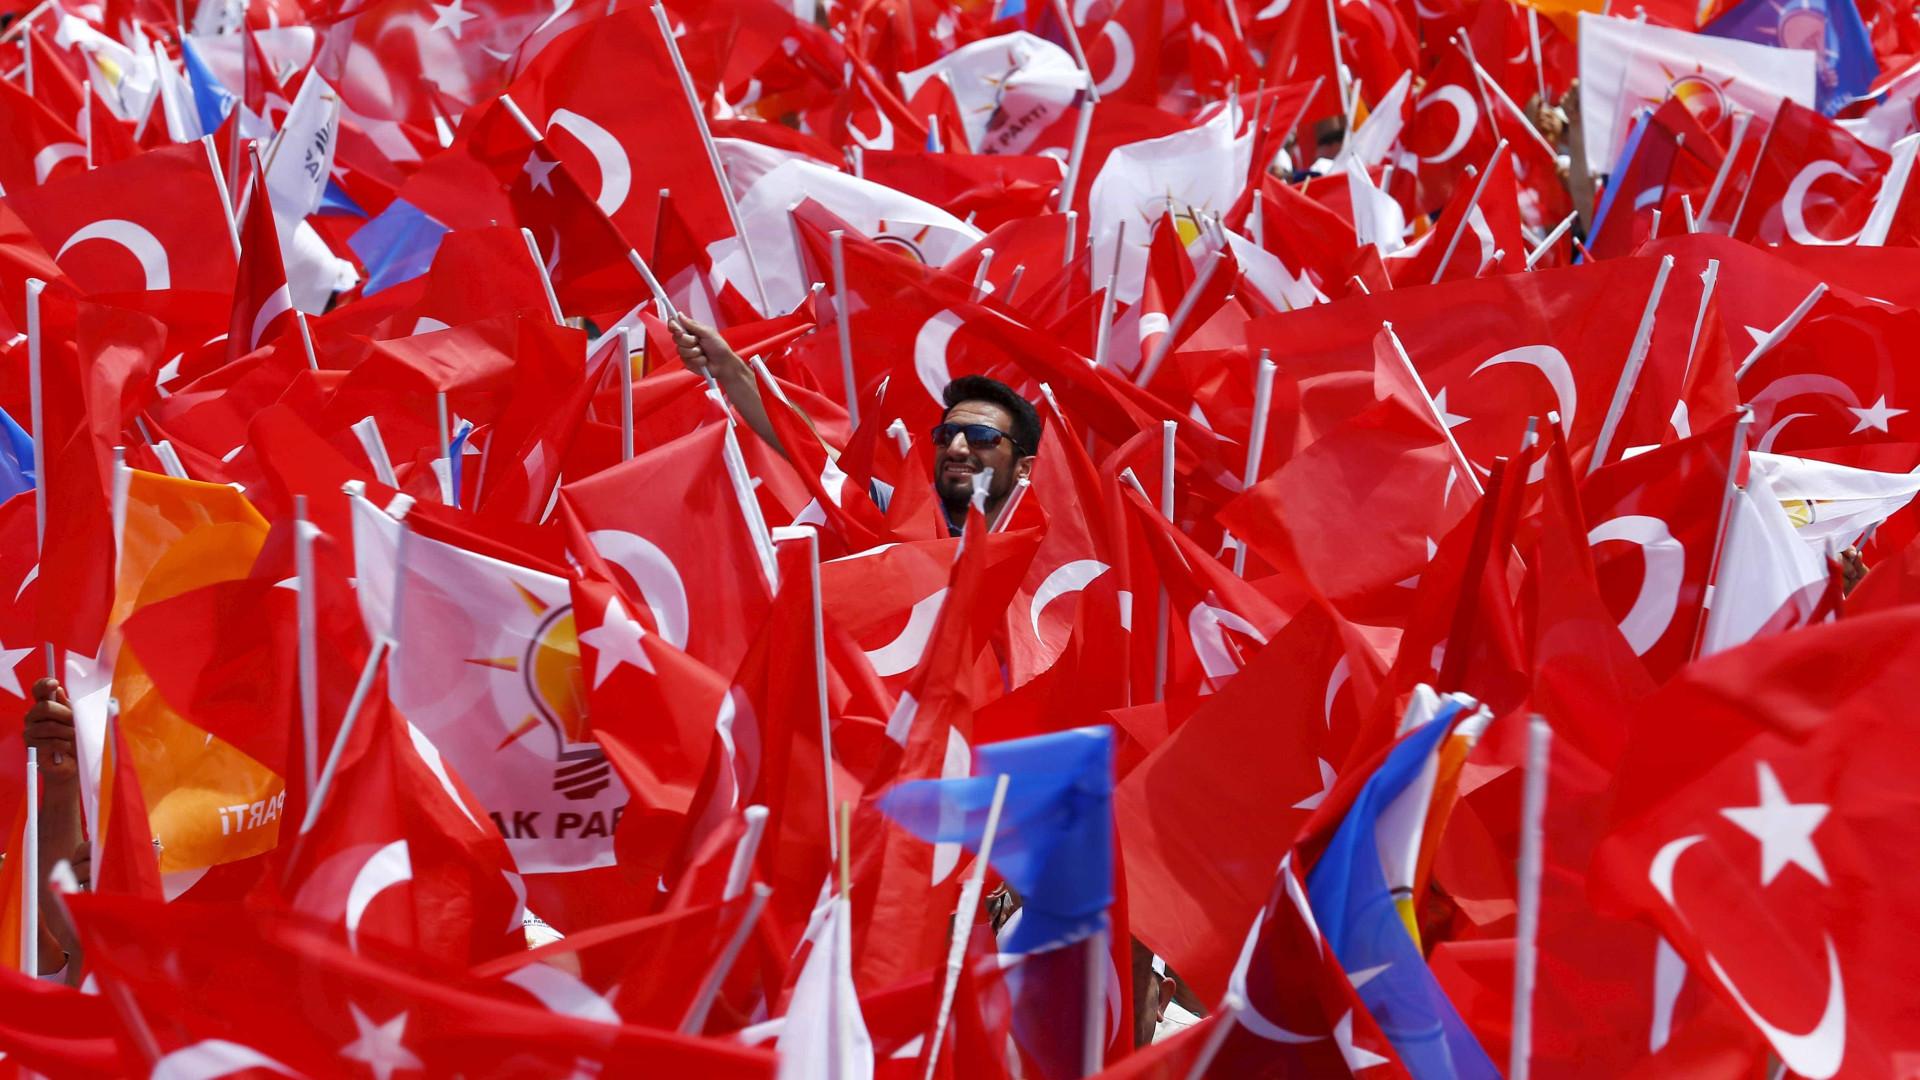 Jornalista detido na Turquia por questionar vitória do 'sim' no referendo